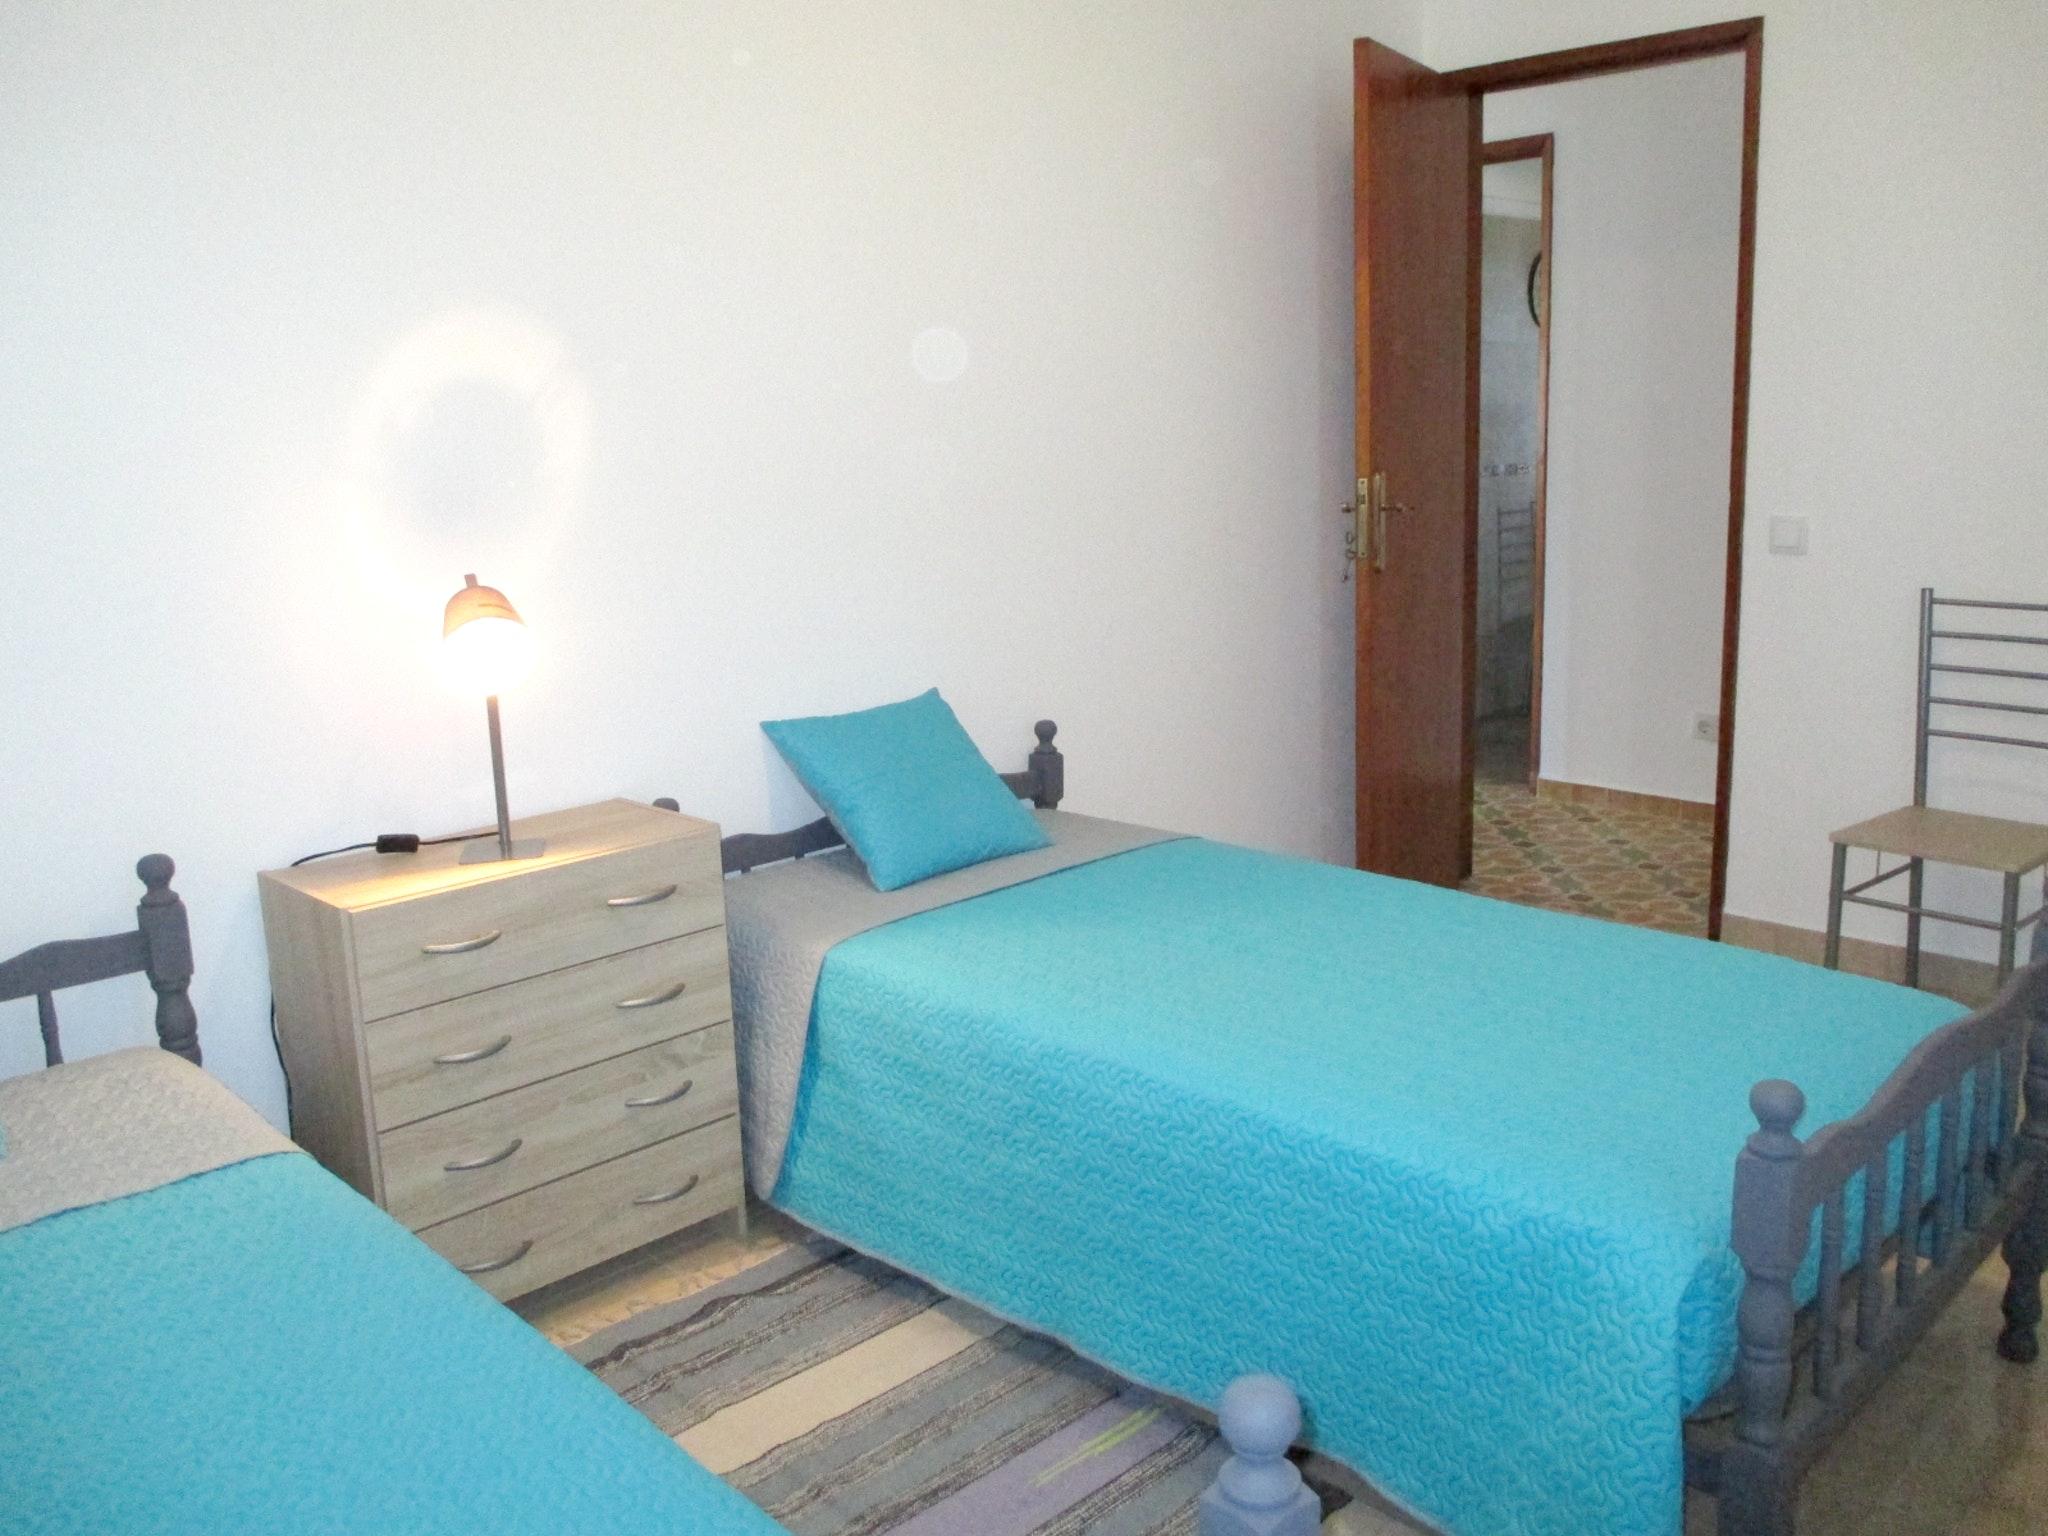 Ferienhaus Haus mit 3 Schlafzimmern in Luz (Luz de Tavira) mit eingezäuntem Garten - 2 km vom Strand  (2426449), Luz, Ria Formosa, Algarve, Portugal, Bild 6